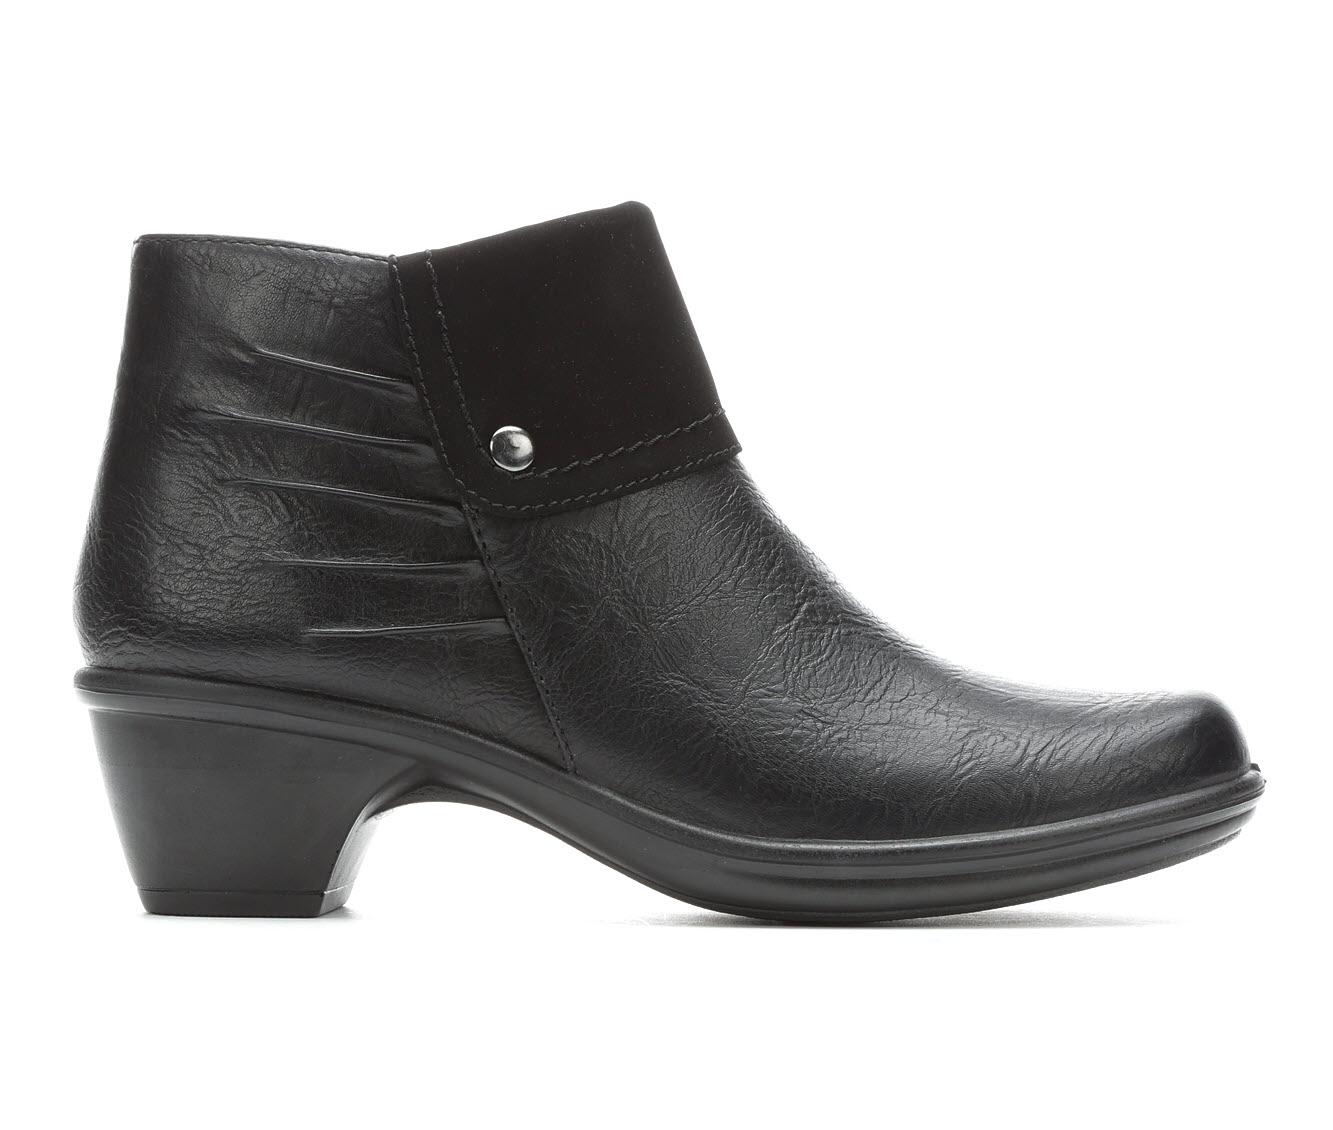 Easy Street Jayden Women's Boots (Black - Faux Leather)